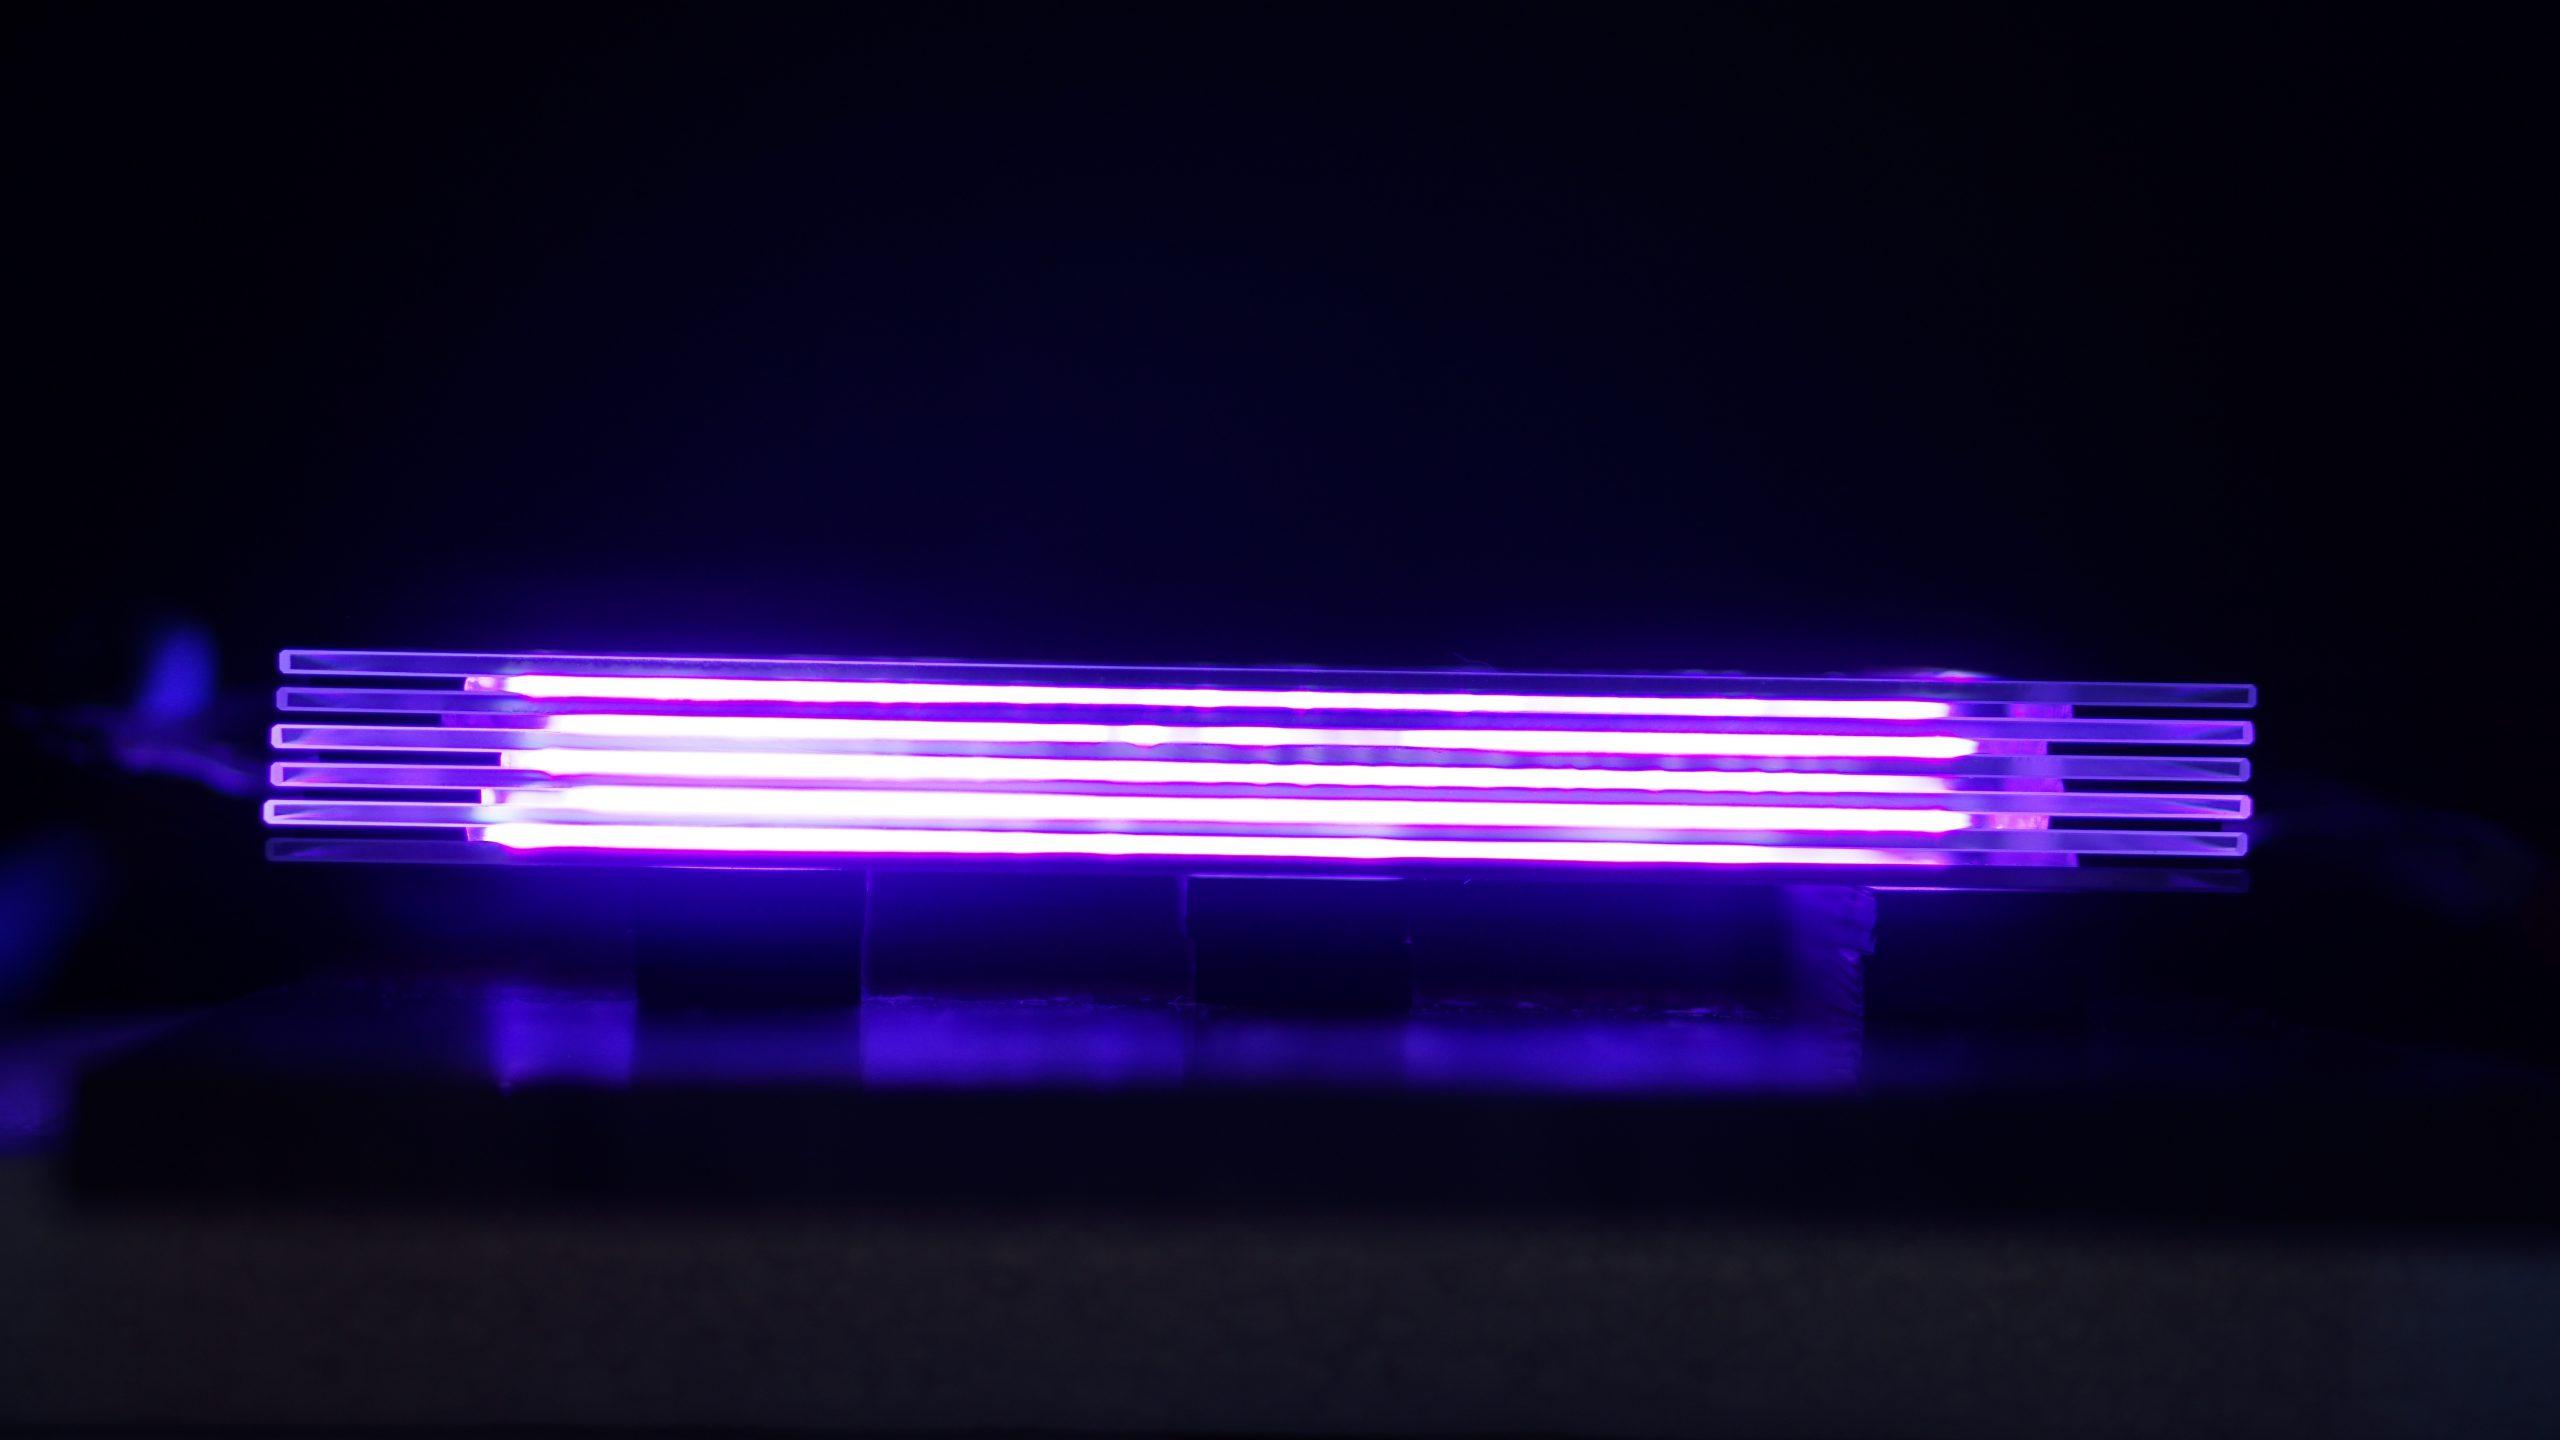 積層プラズマ(Multi-layer Plasma) – 大容量プラズマ化技術